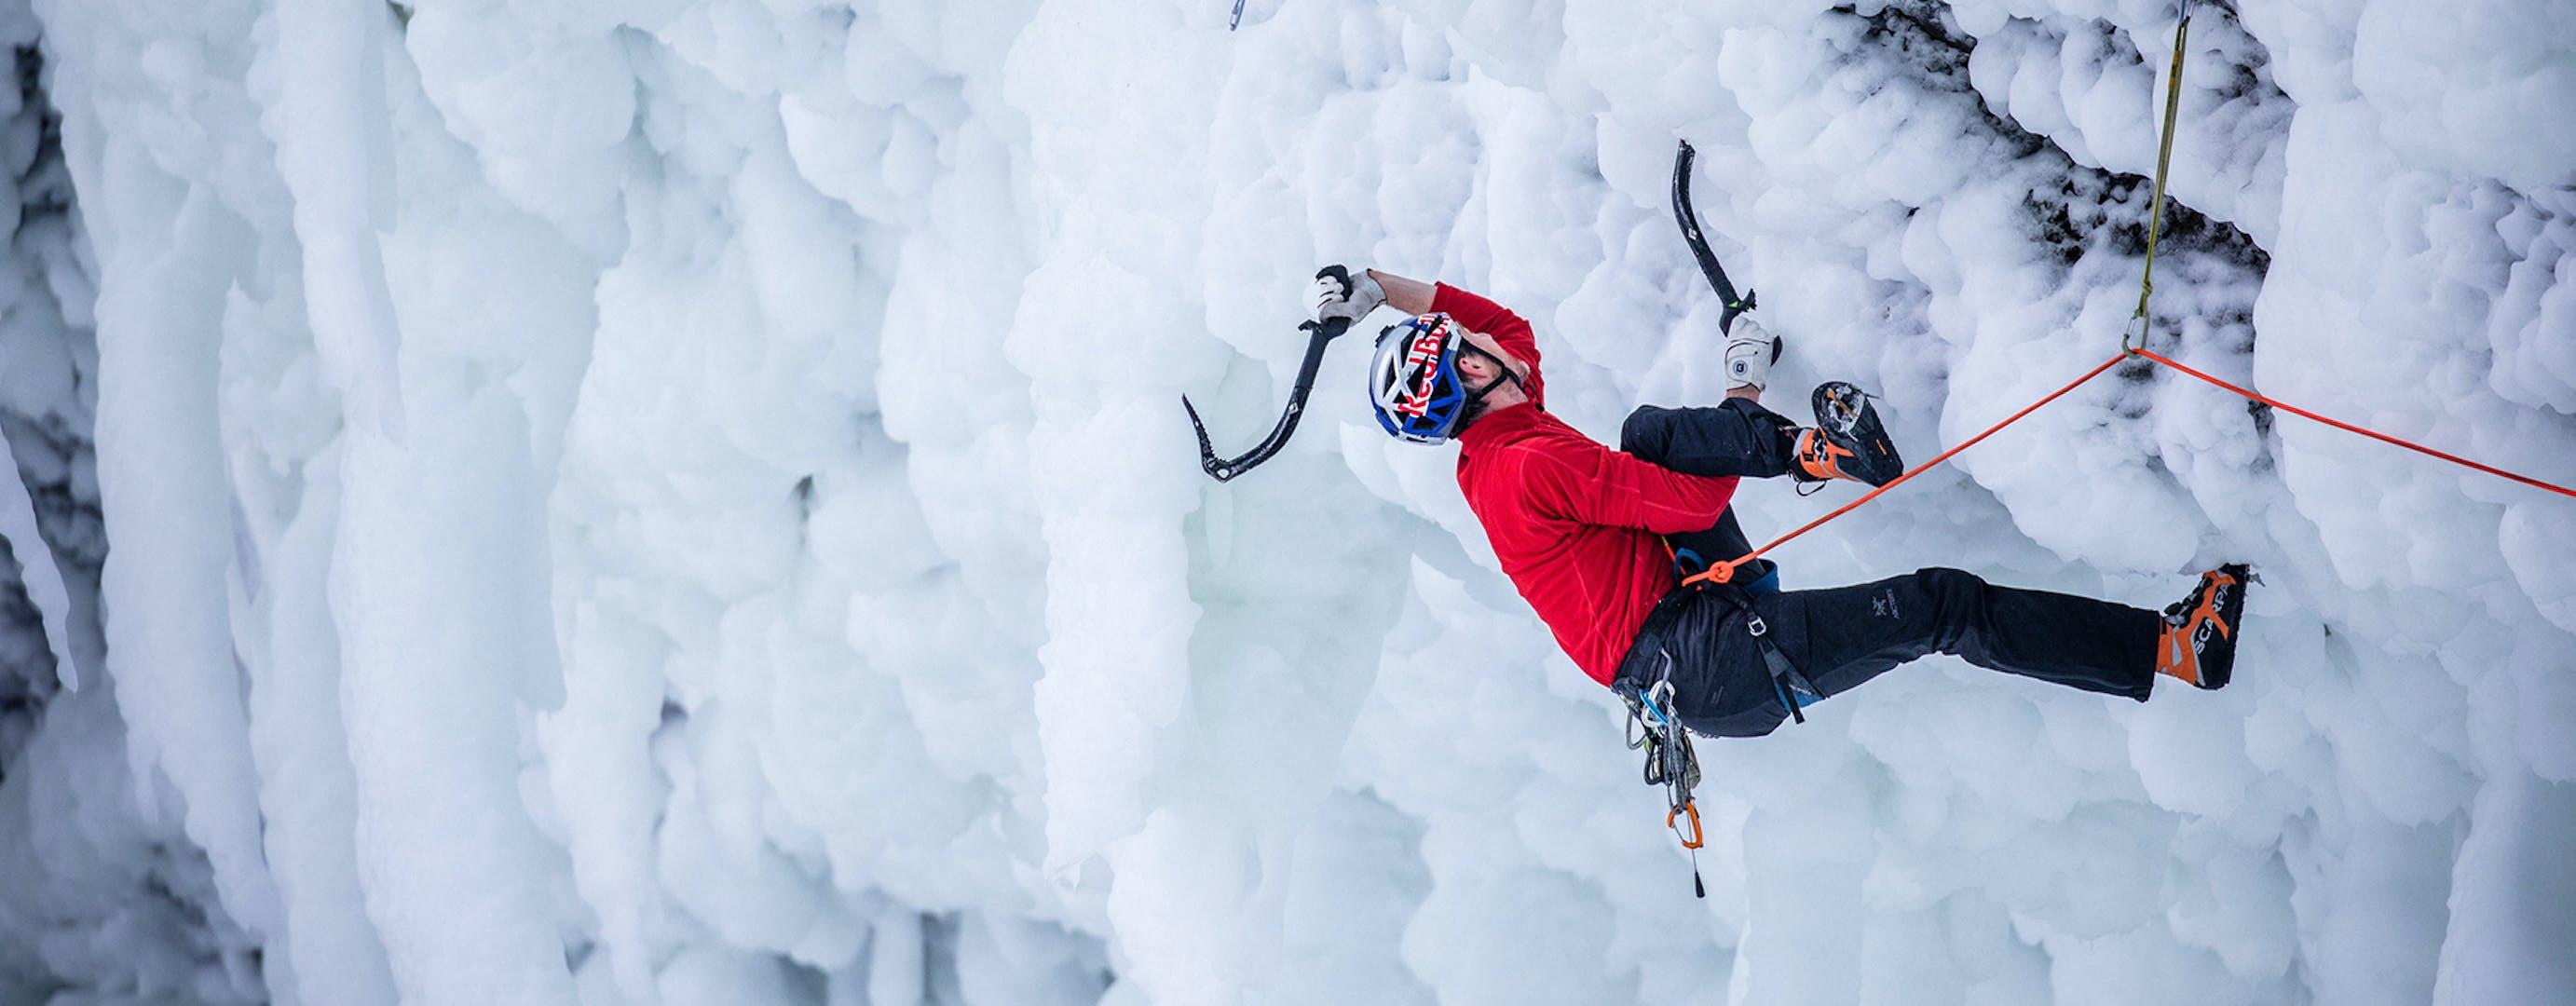 Will Ice Climbing.